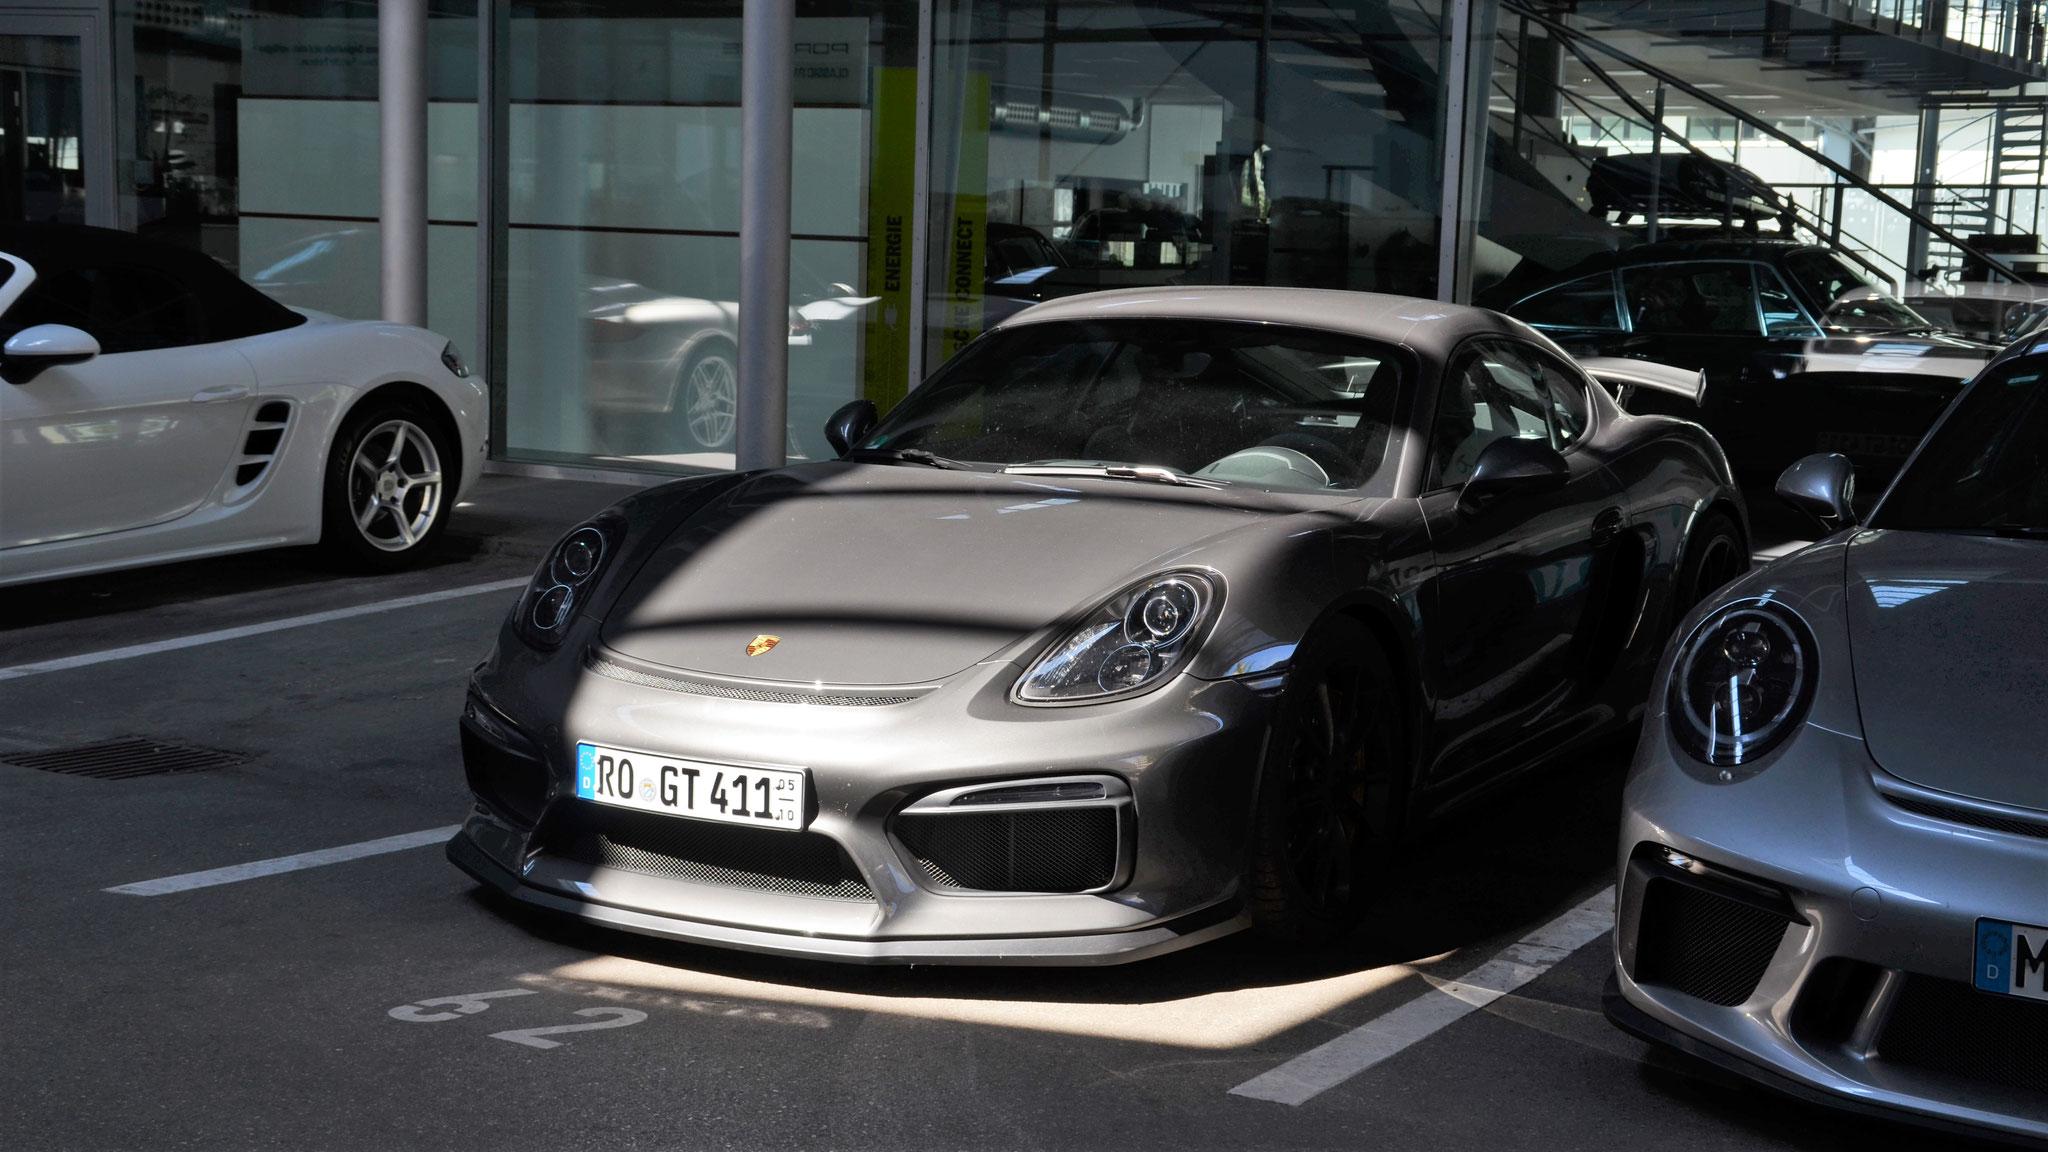 Porsche Cayman GT4 - RO-GT-411